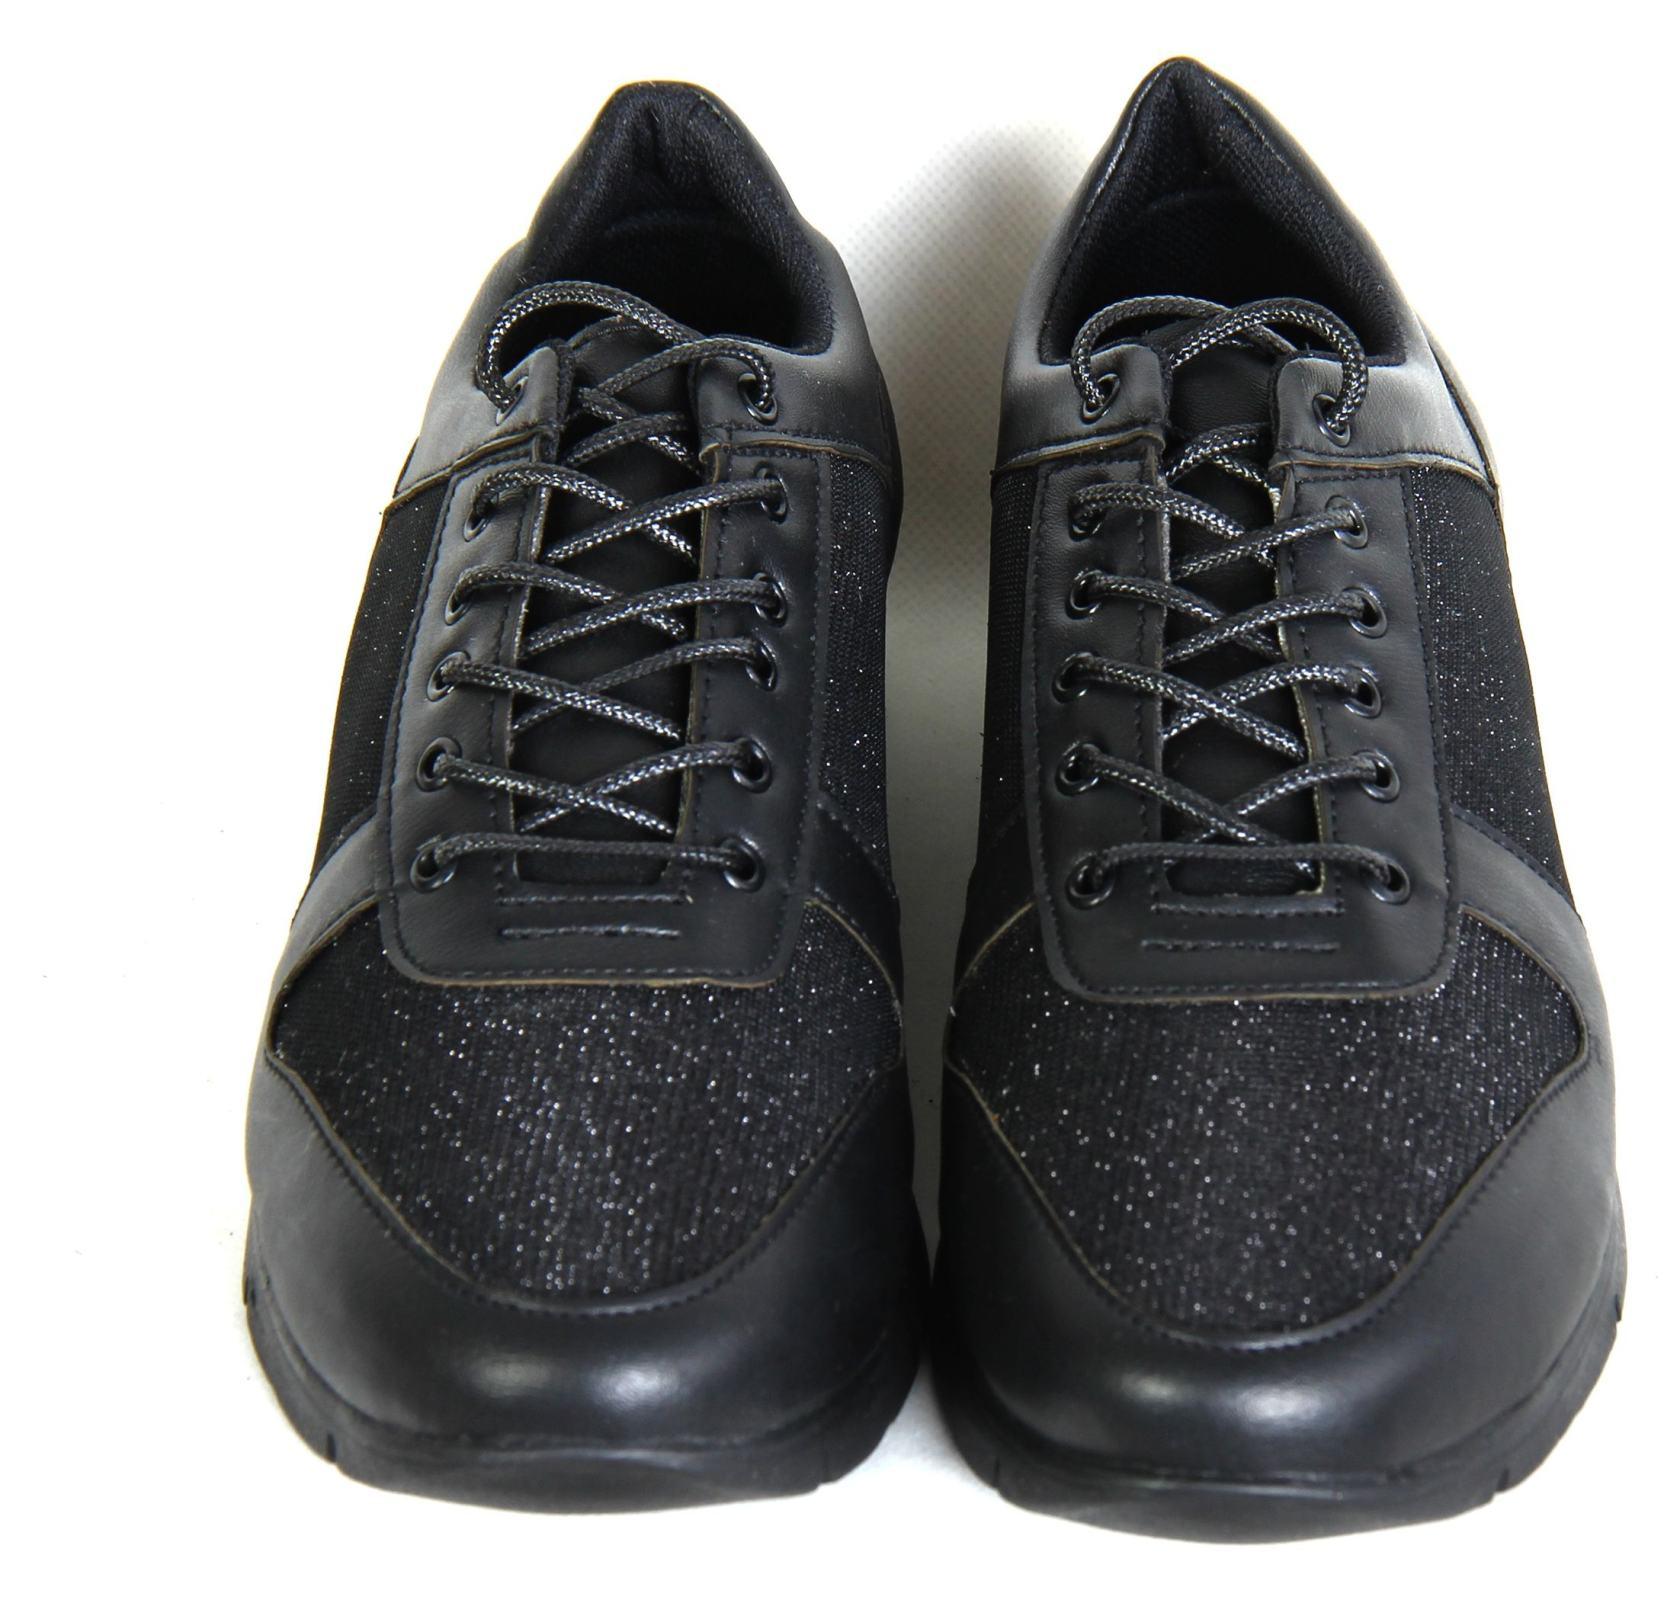 ست کیف و کفش زنانه کد 026  main 1 9